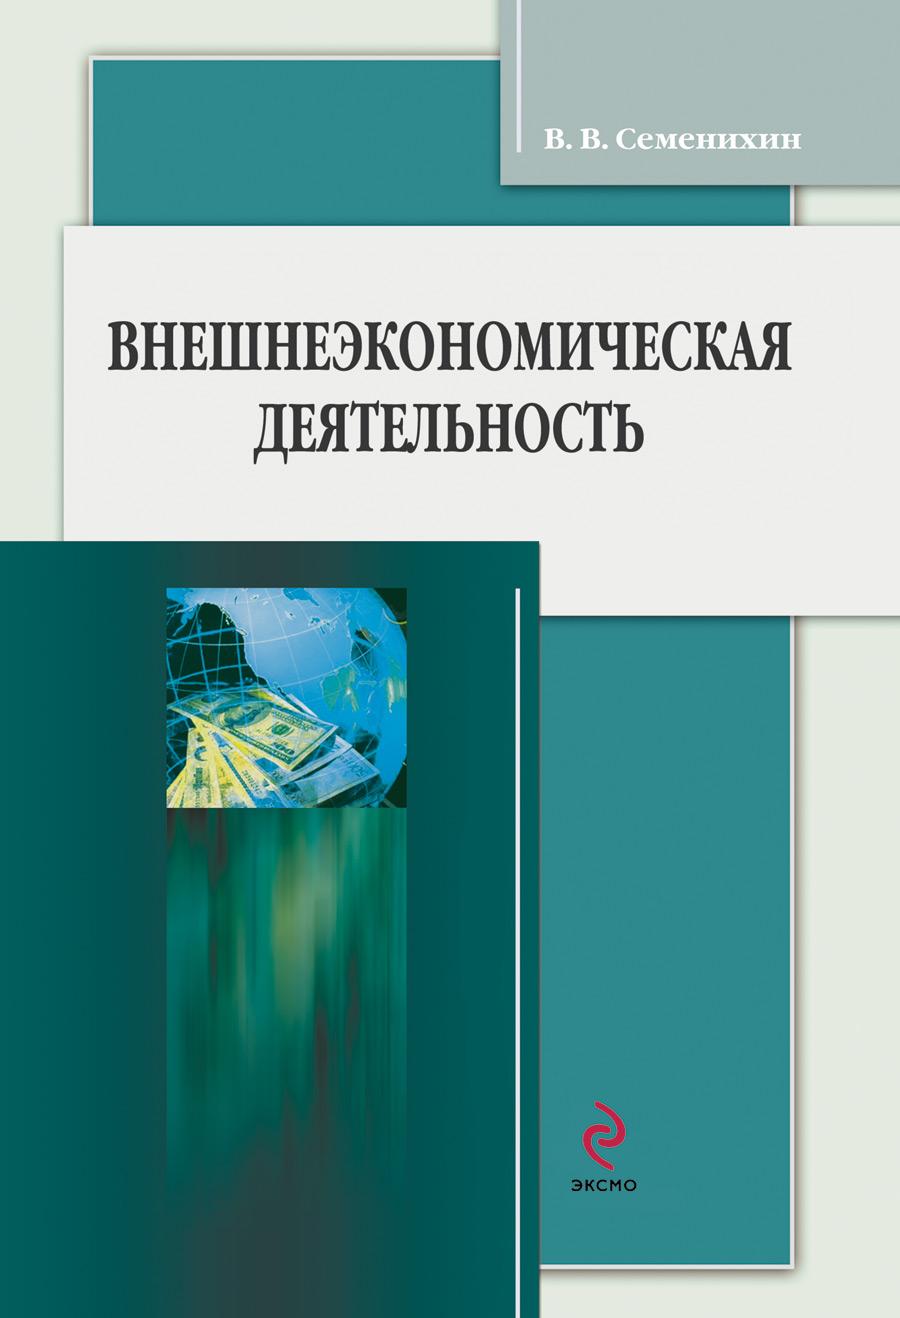 фото обложки издания Внешнеэкономическая деятельность